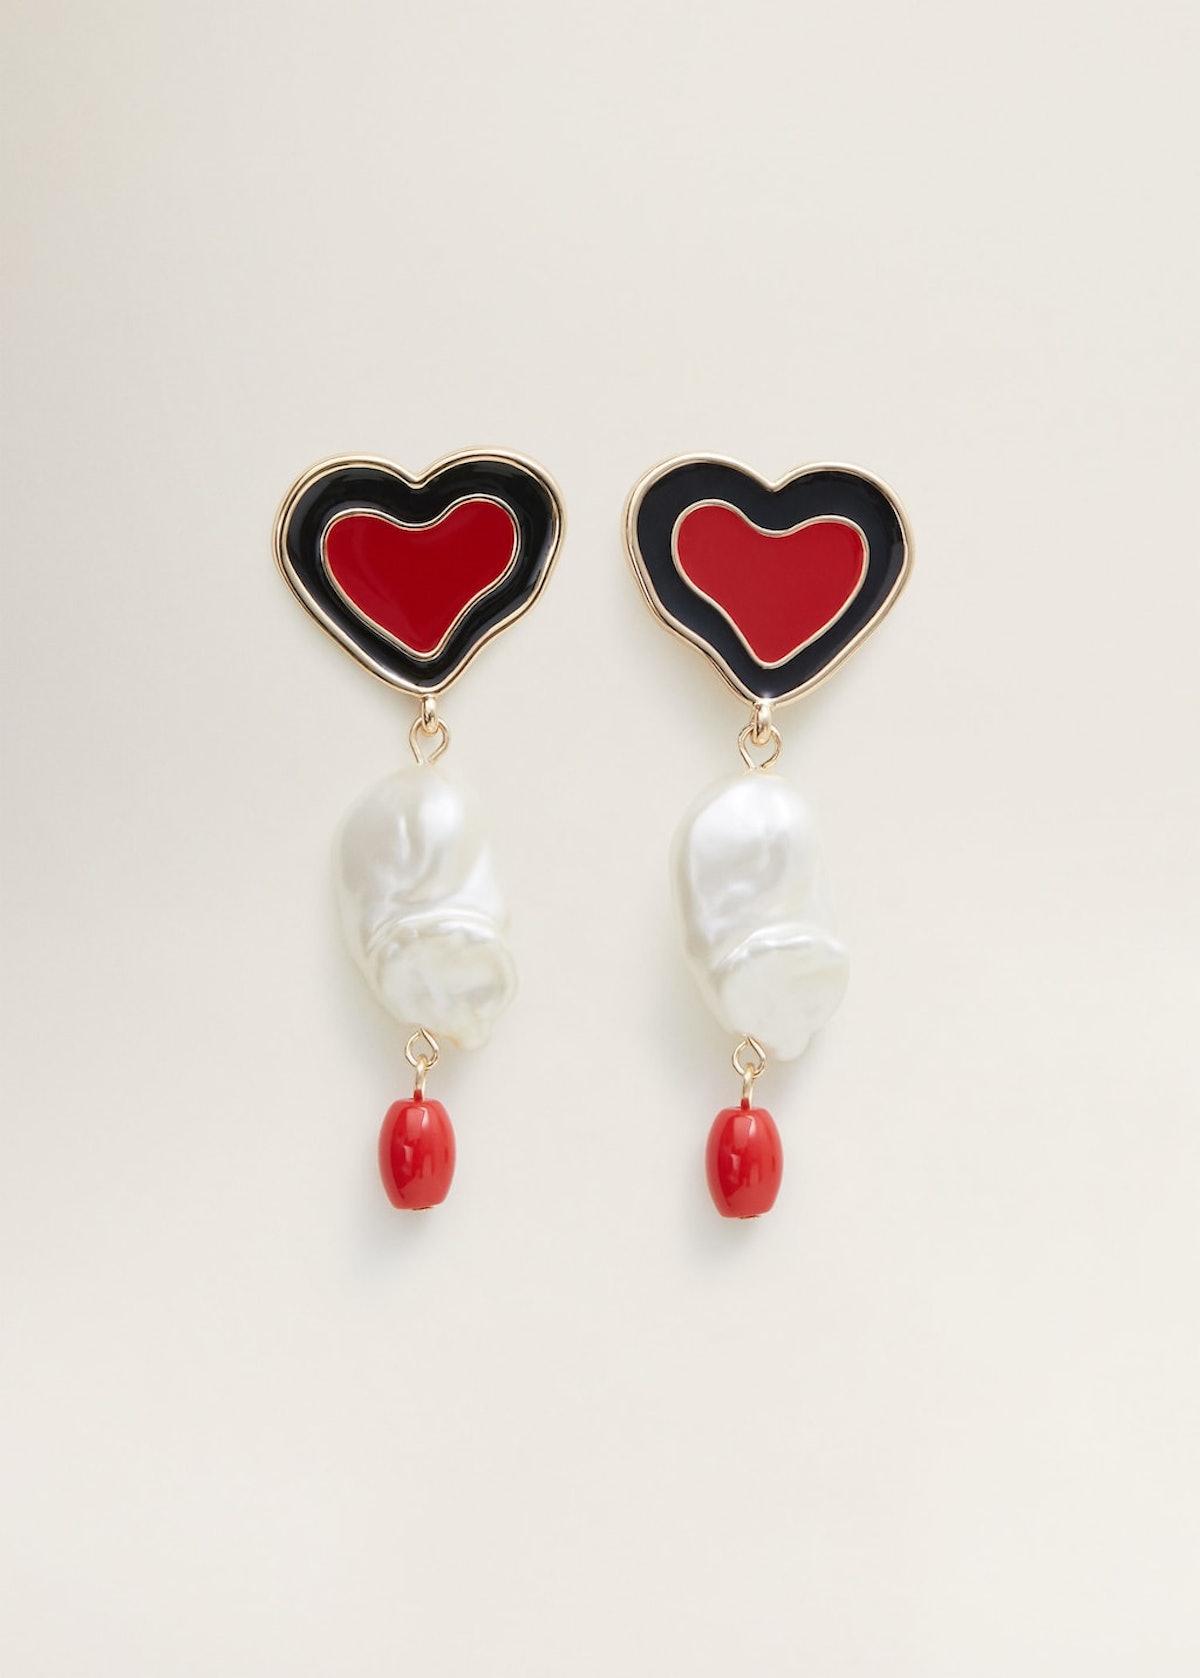 Heart-shape pearl earrings